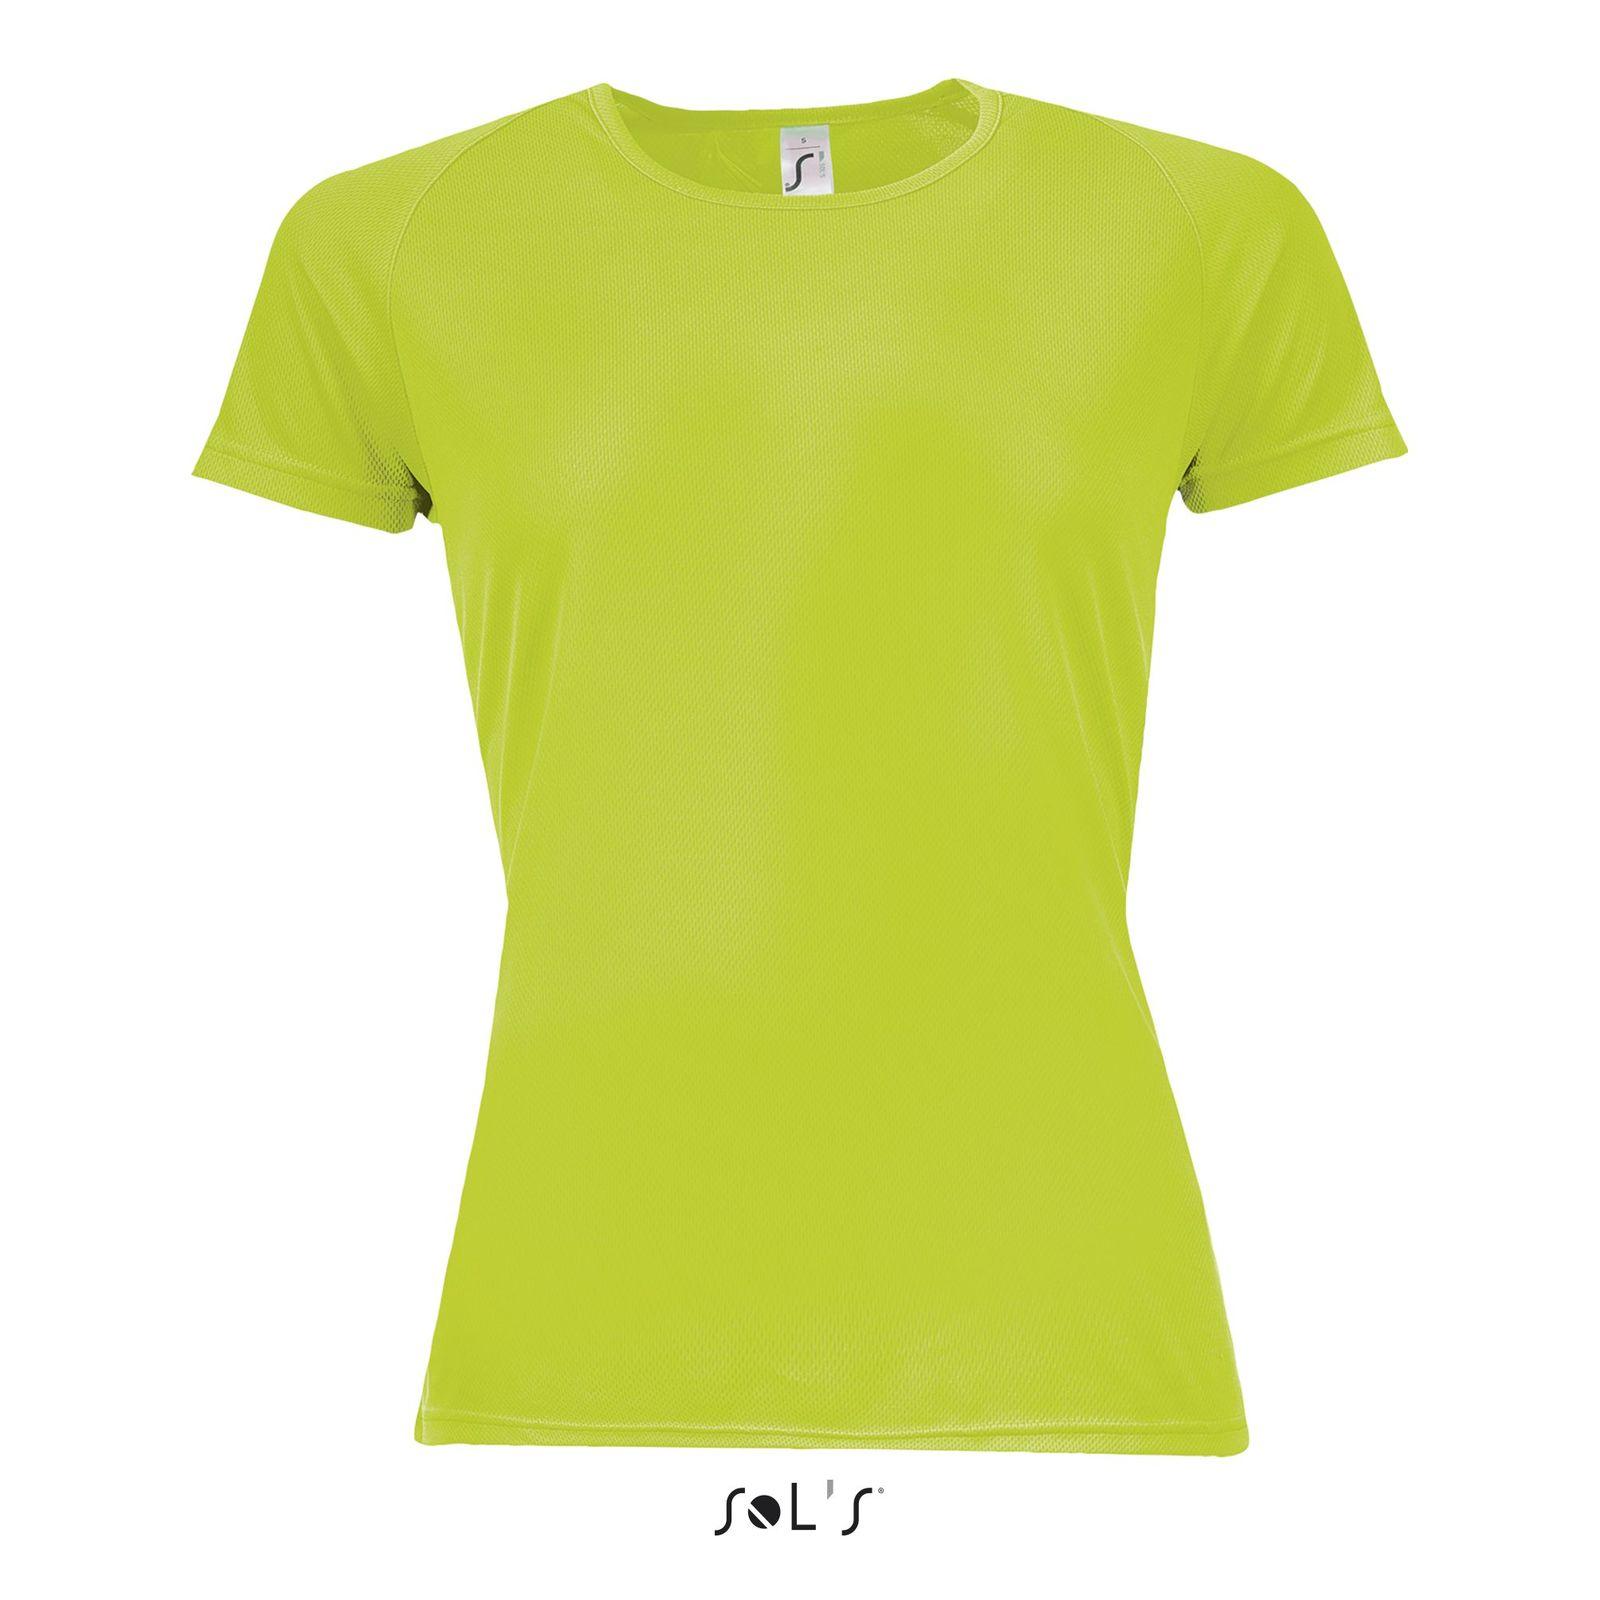 1068d67f042c0 ... Tee-shirt publicitaire femme manches raglan   Sporty Women Vert fluo ...